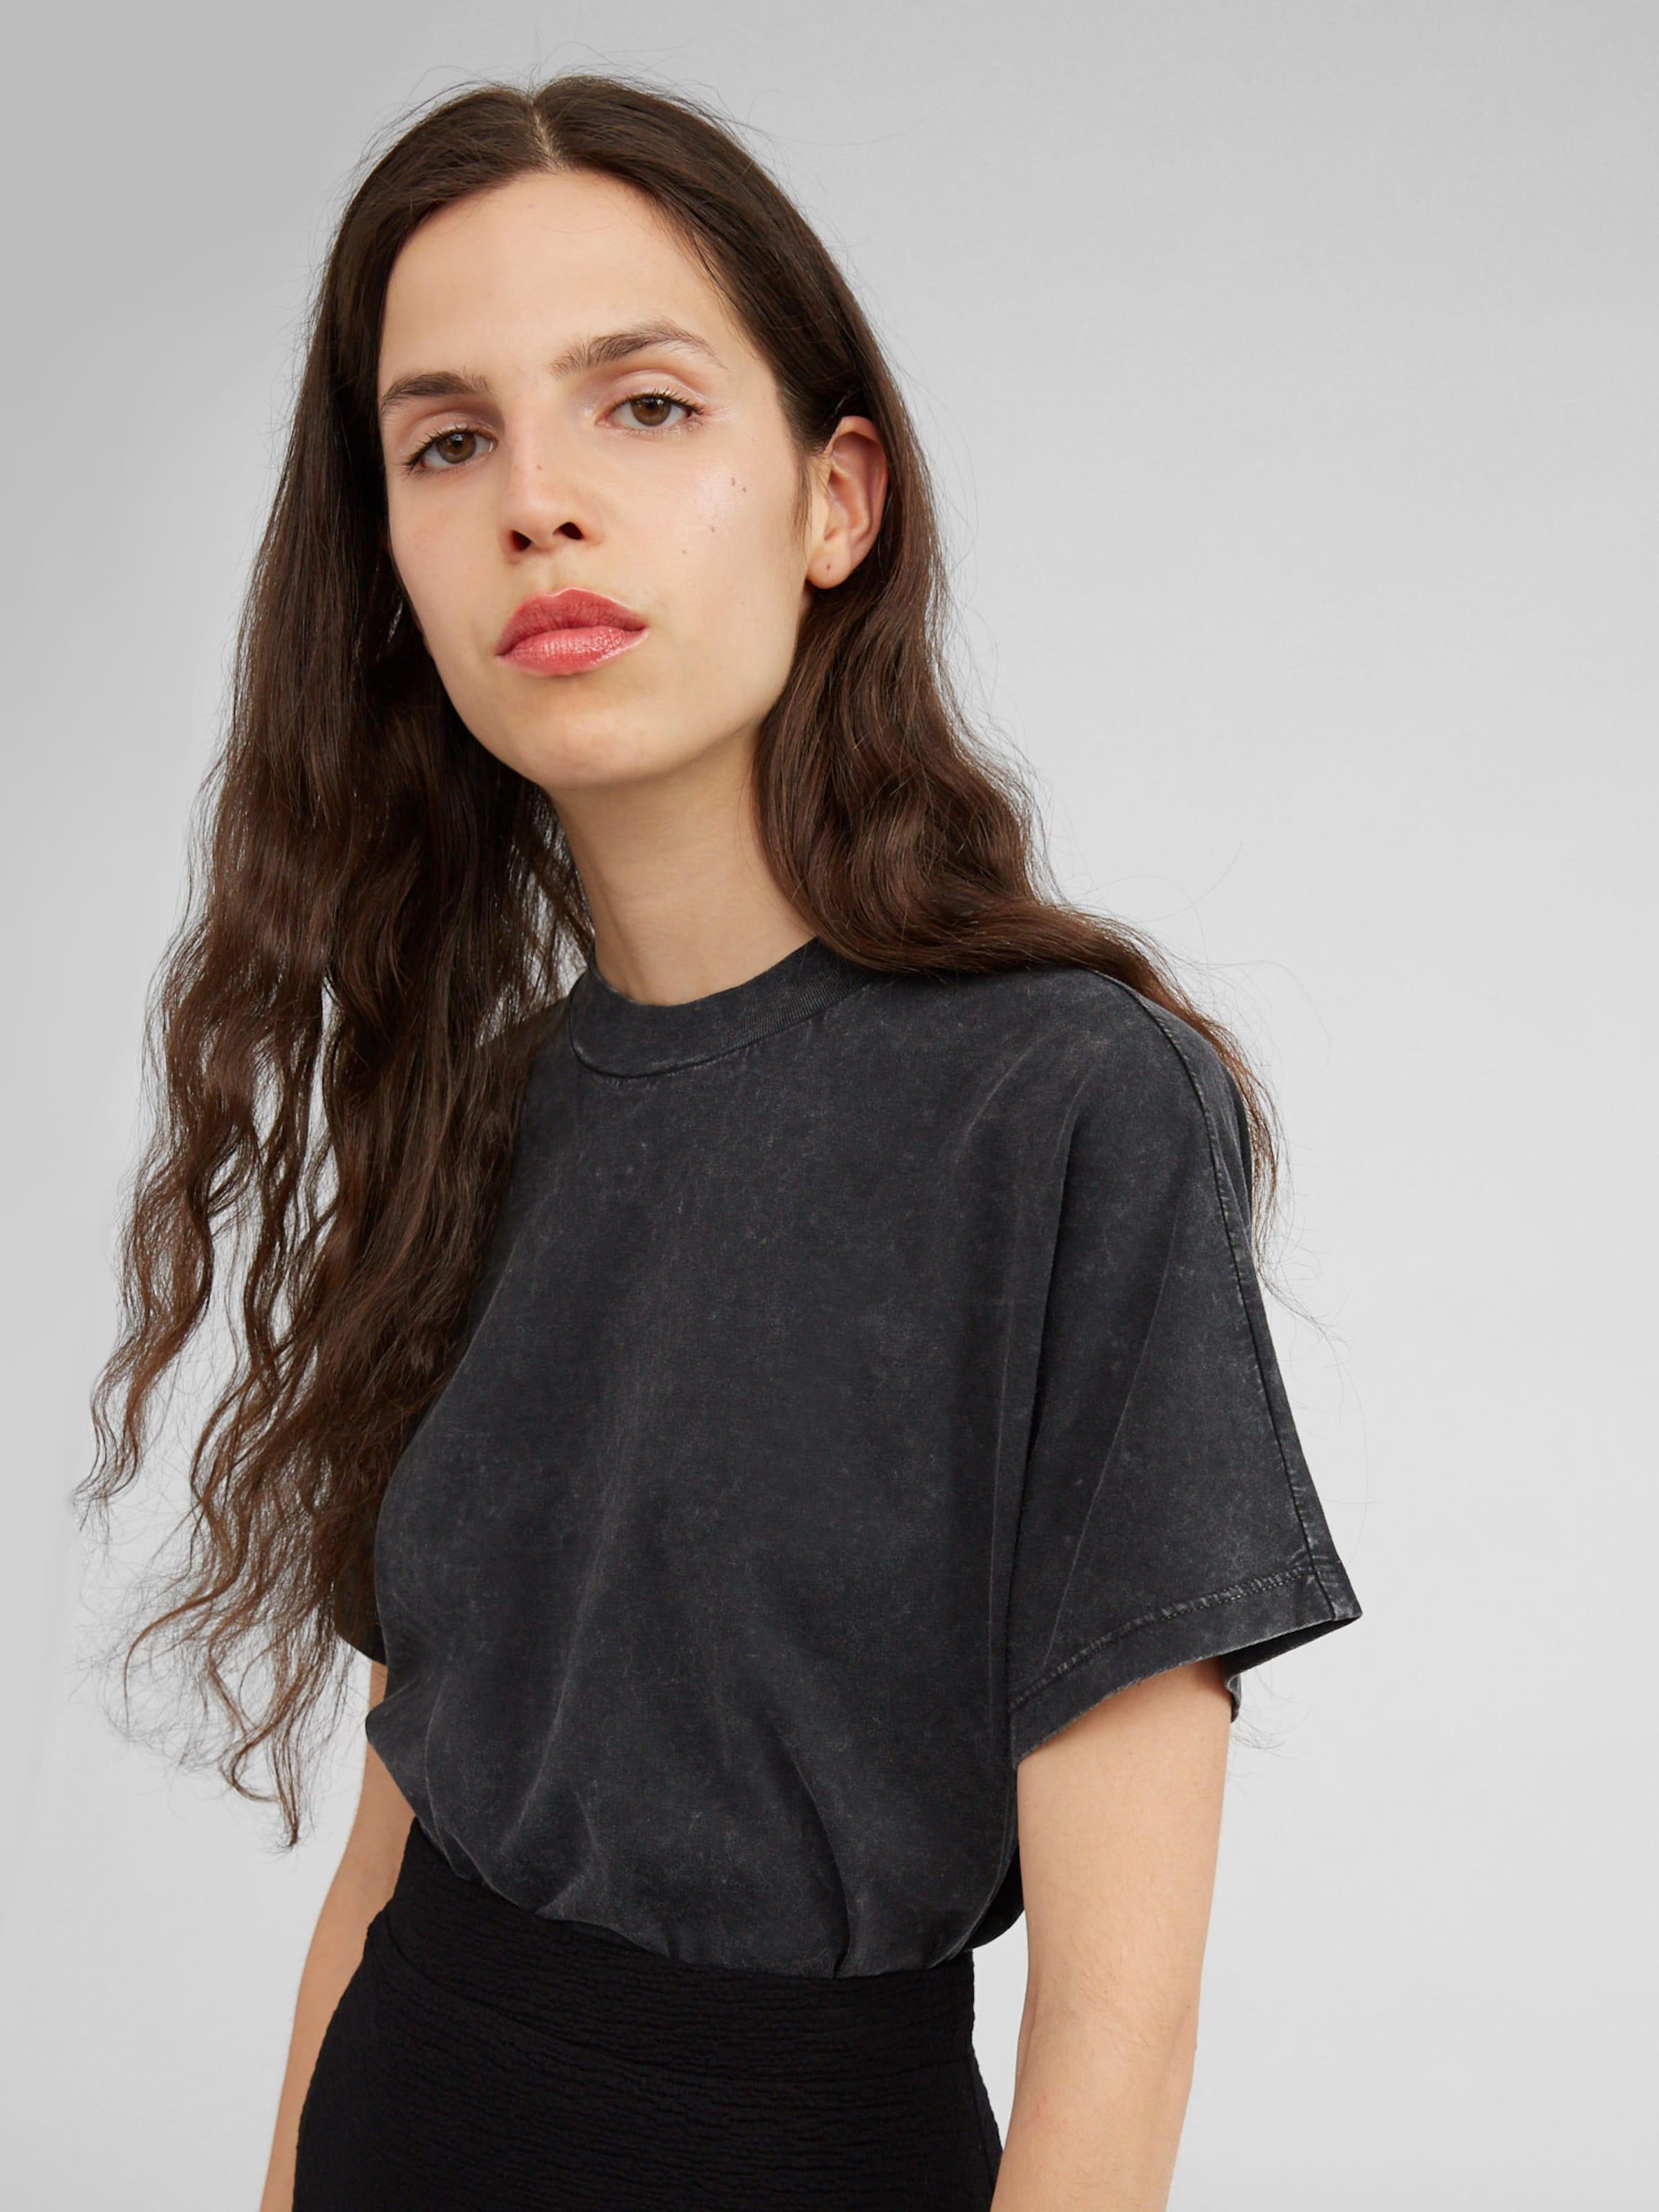 Edited Noir 'giorgia' T shirt En FlJcTK13